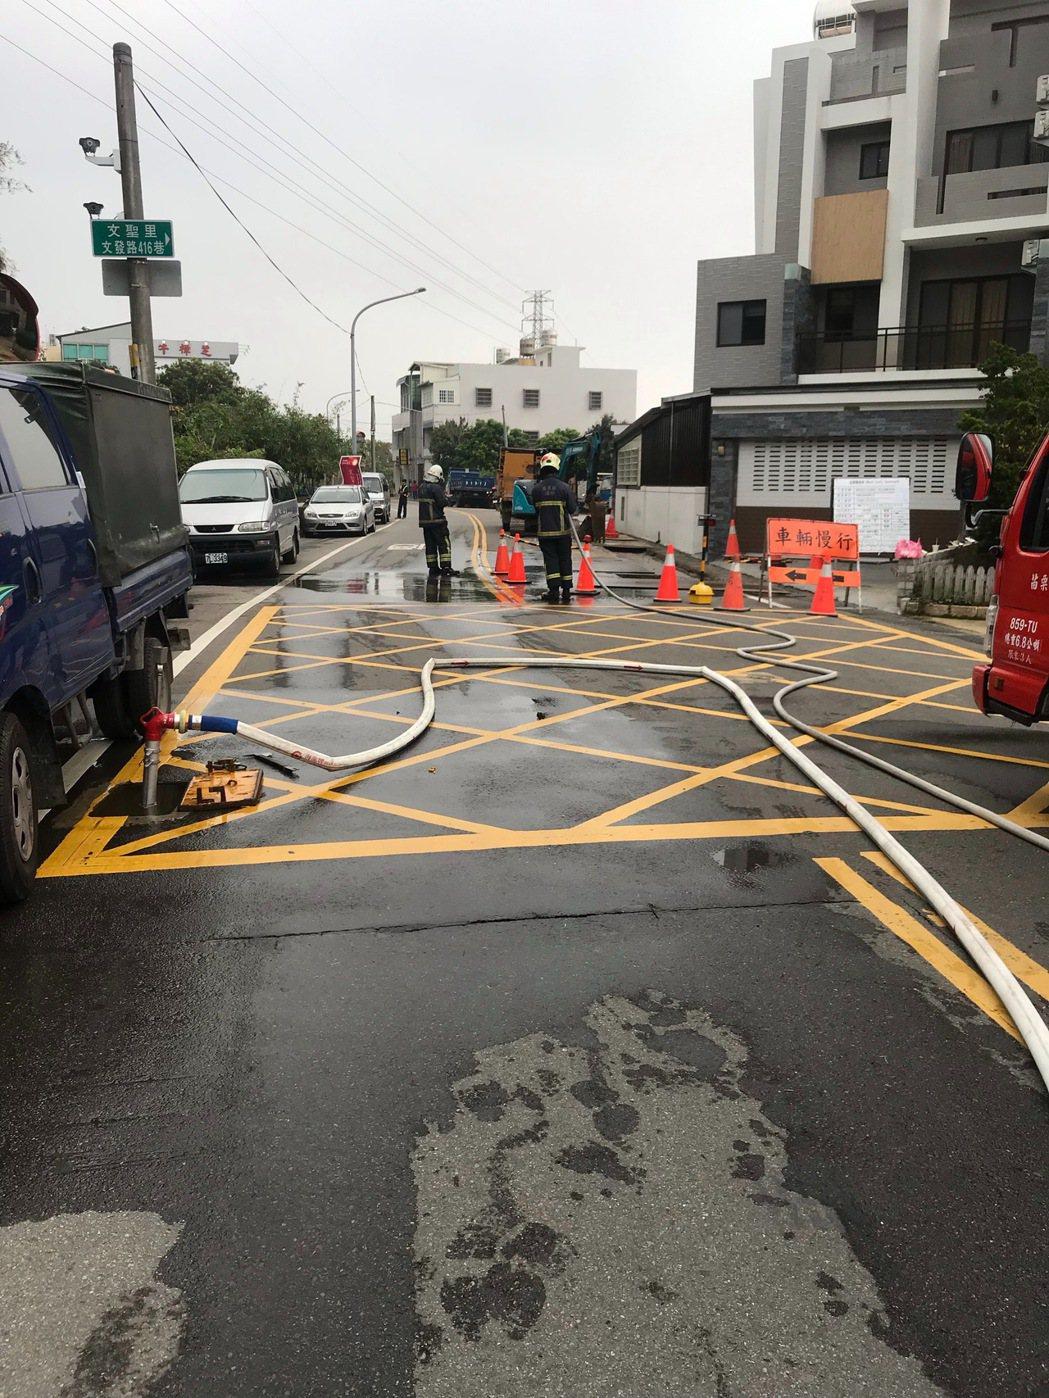 苗栗市文發路416巷附近上午發生天然氣管線漏氣意外,氣體從路面裂縫冒出,檢測瓦斯...